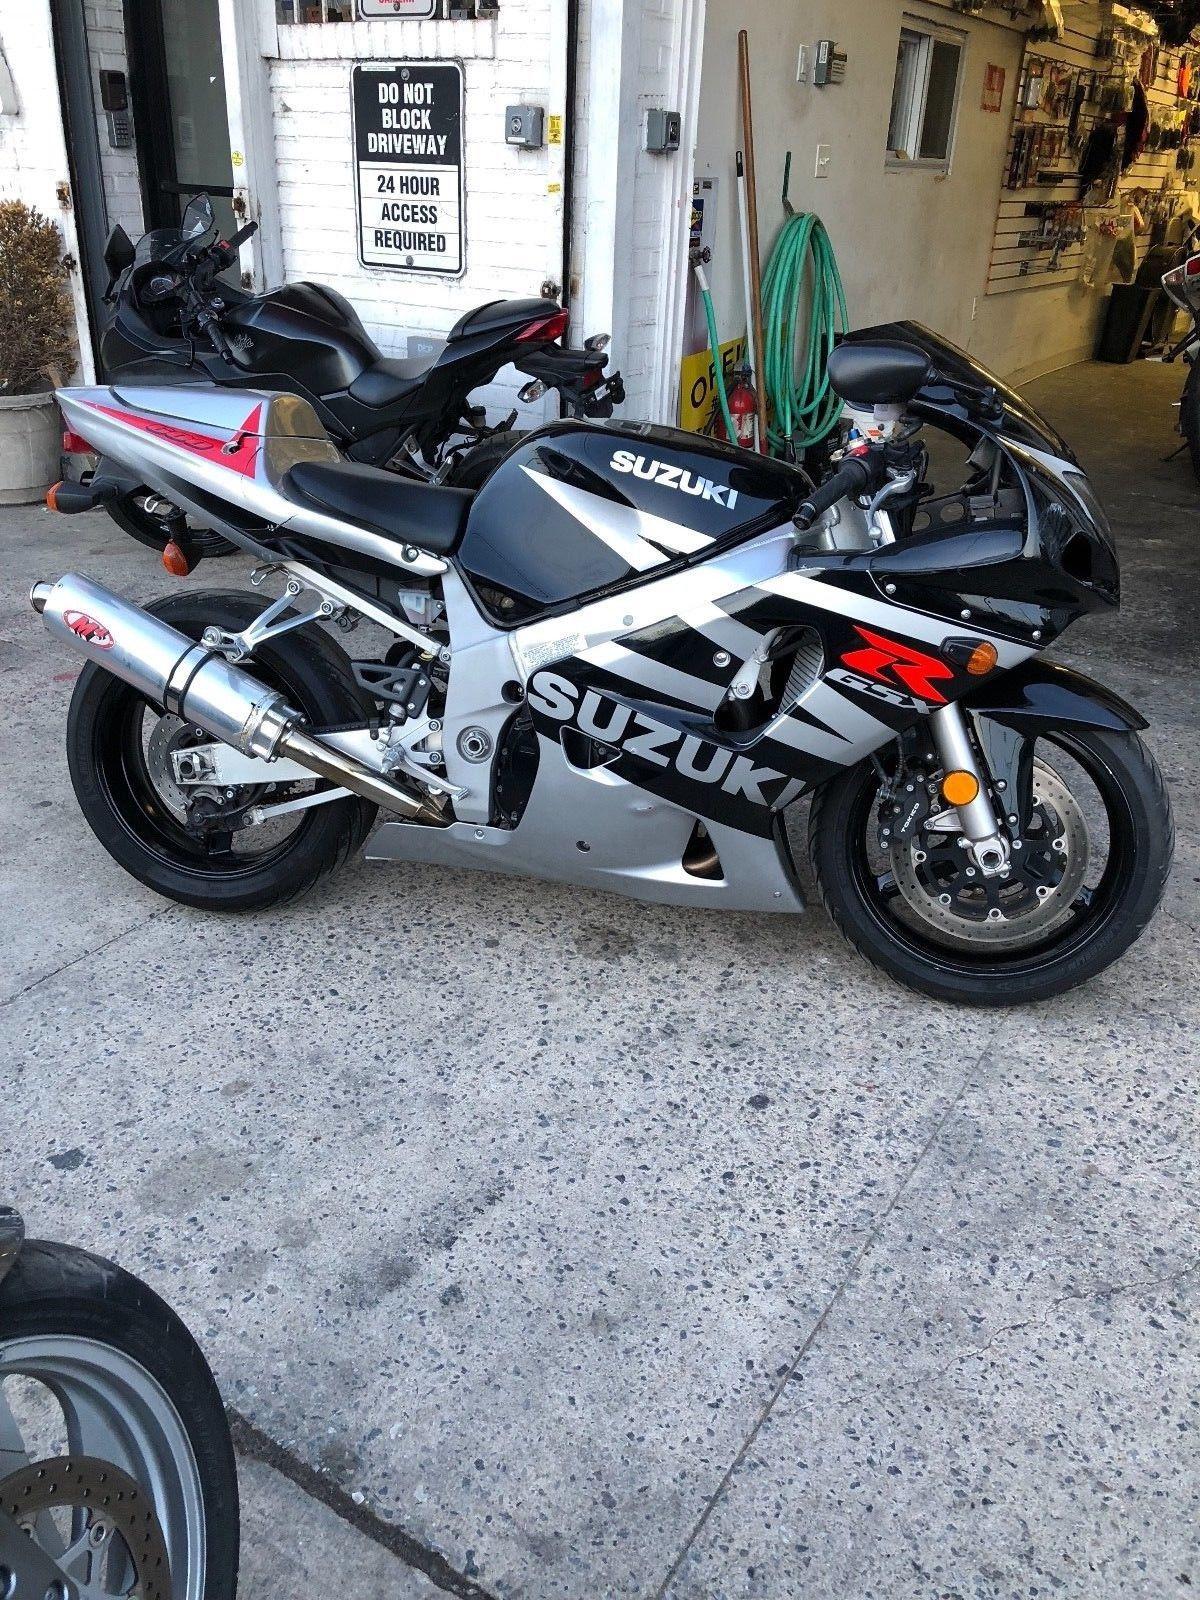 2003 Suzuki Gsx R 2003 Gsxr 600 Suzuki Please Retweet Gsx Ducati Hypermotard Suzuki Gsxr